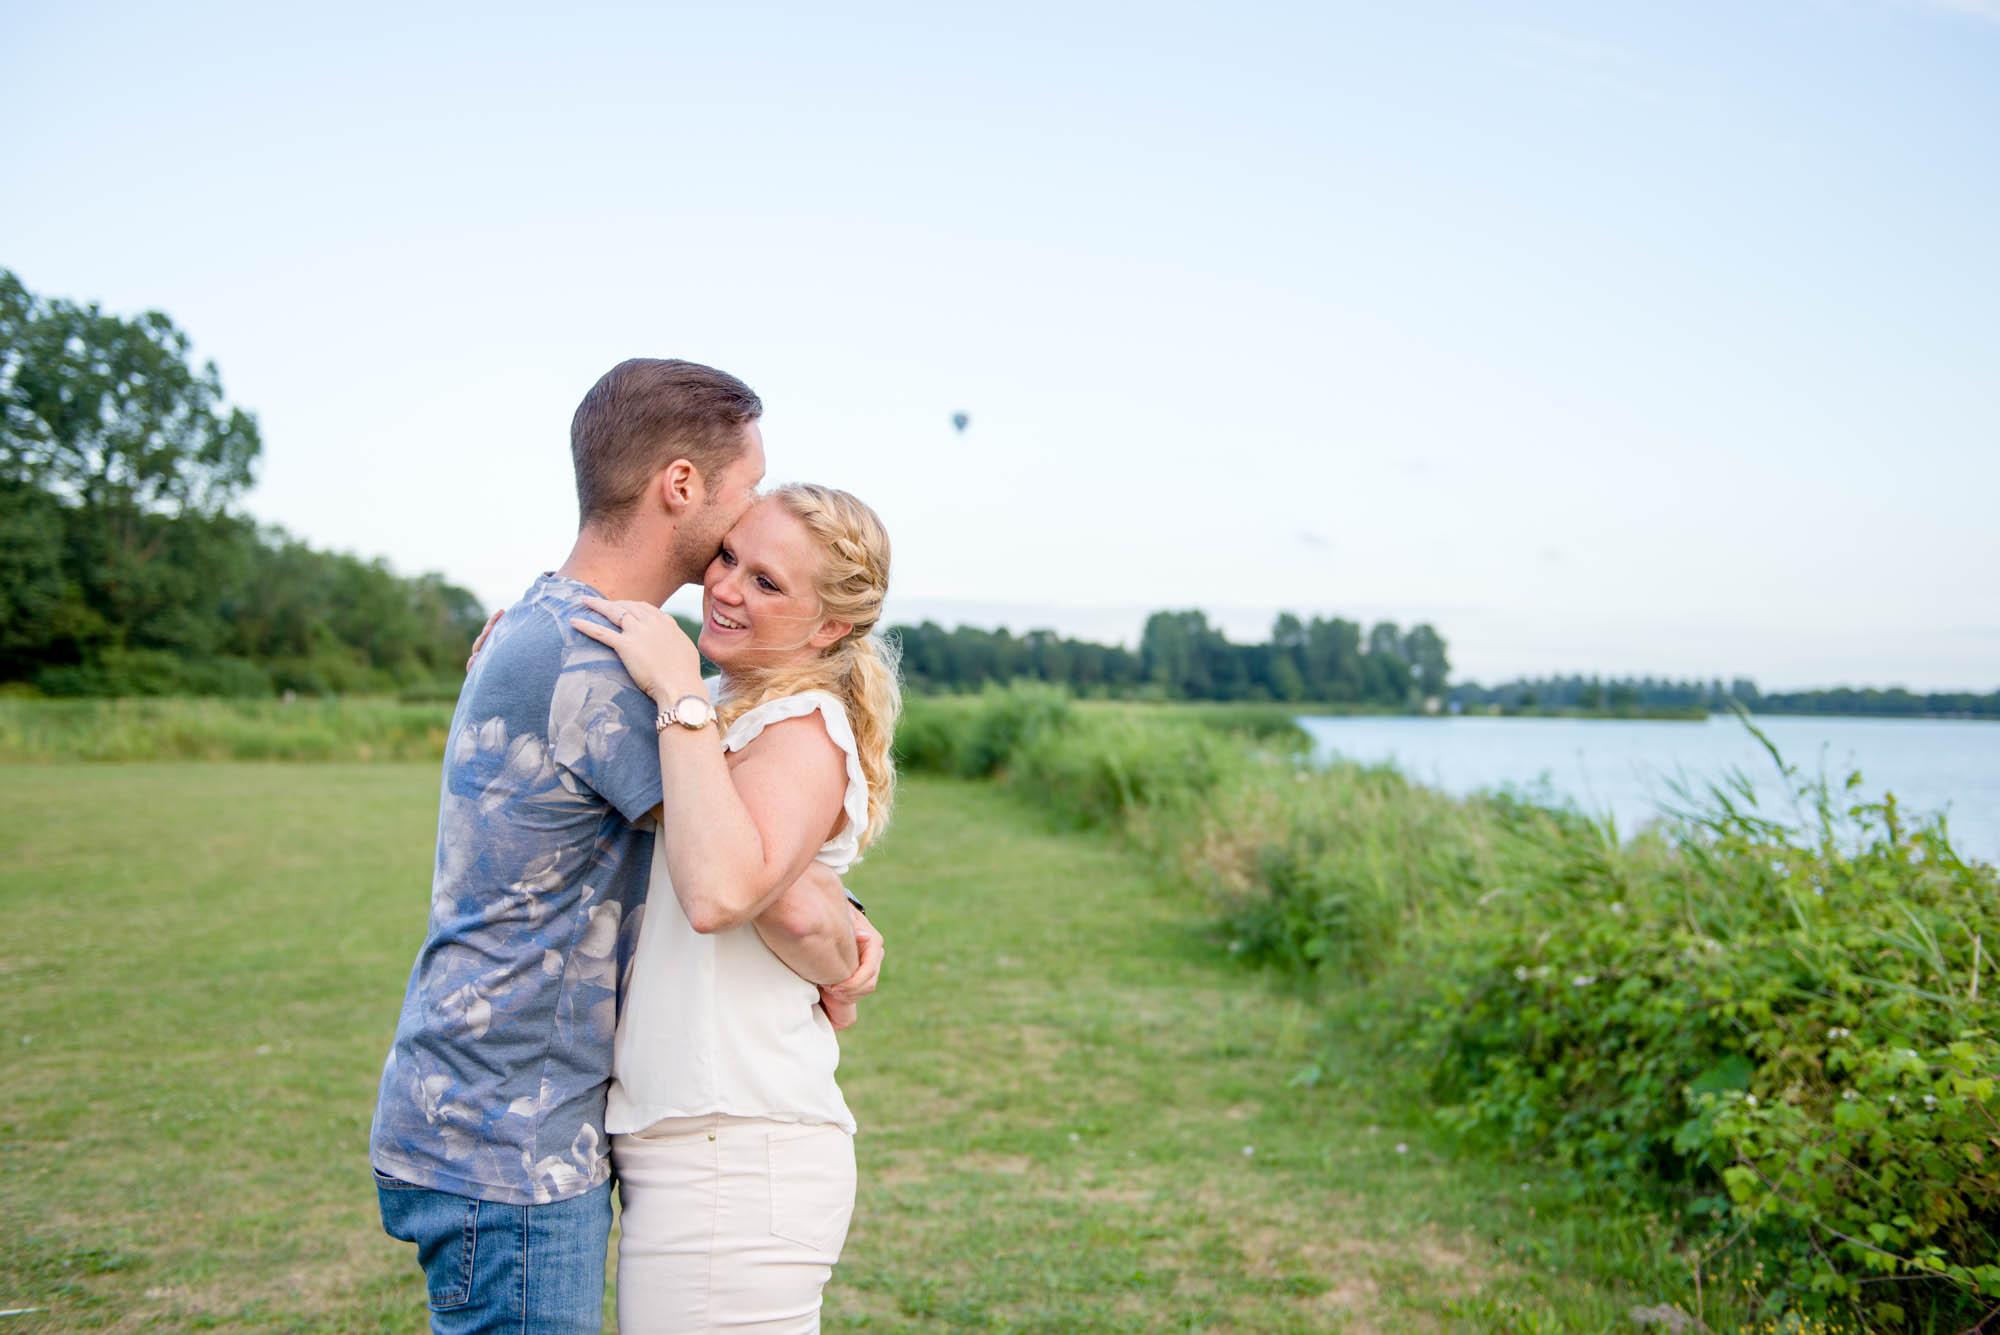 Loveshoot-Geestmerambacht-Alkmaar-Jeff-en-Esmee-91